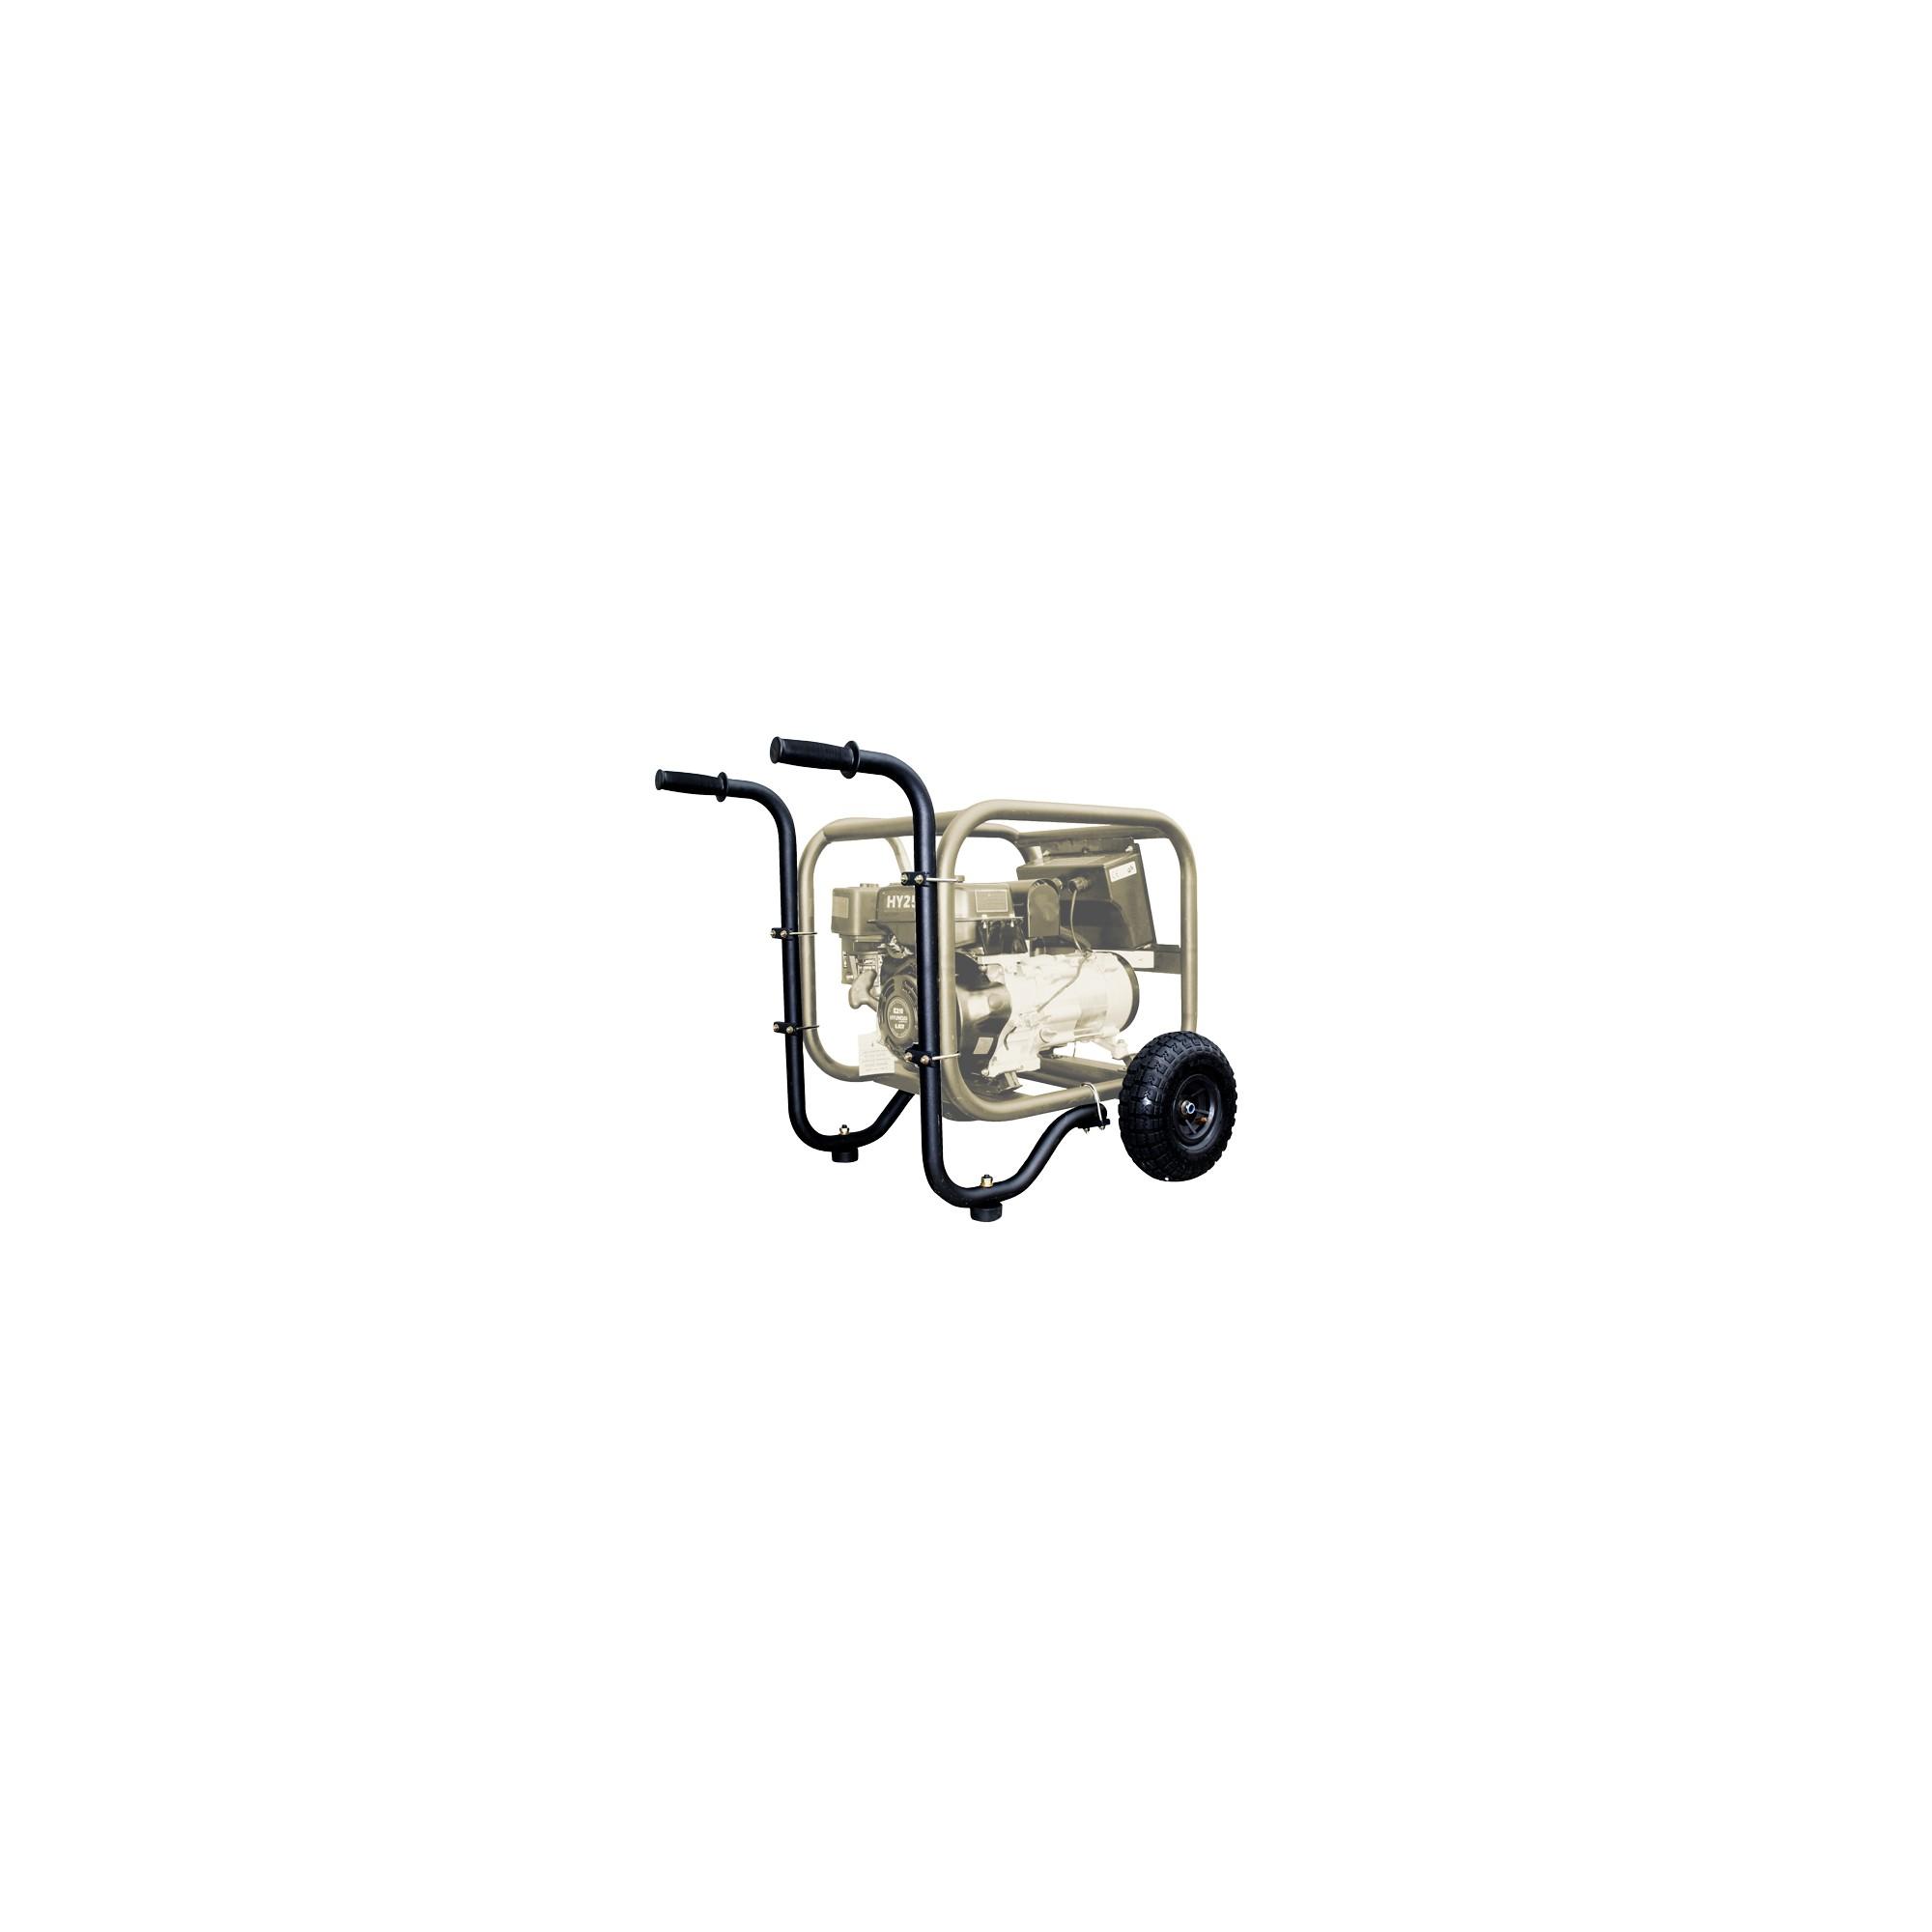 Kit de ruedas neumático para generadores y motobombas